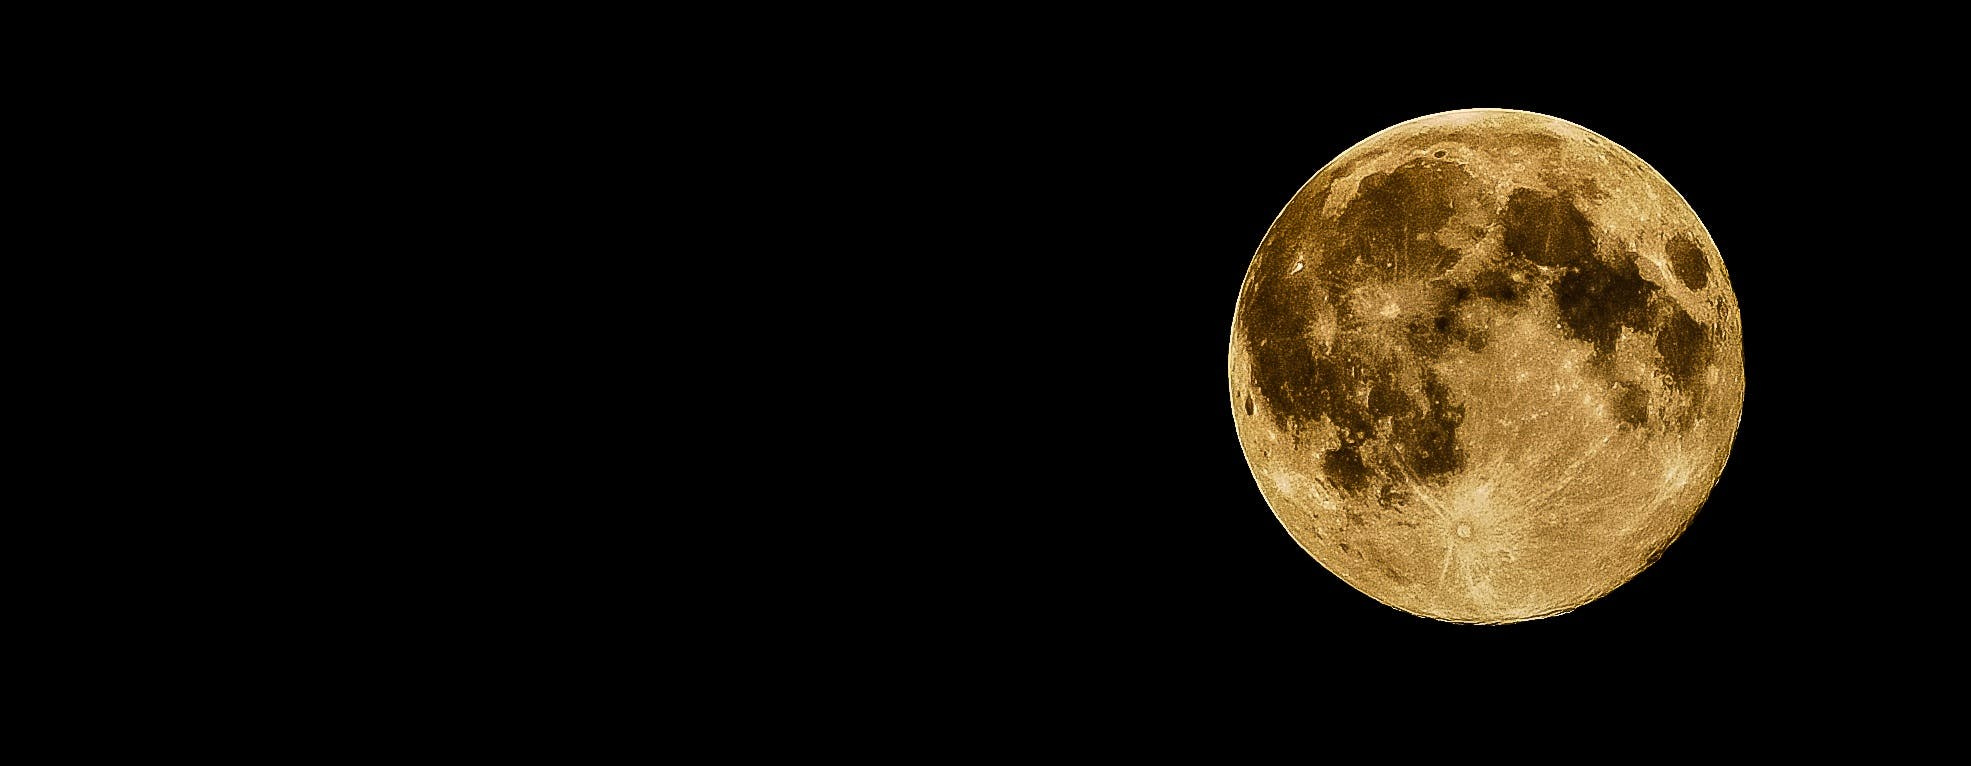 달, 달빛, 밤, 보름달의 무료 스톡 사진